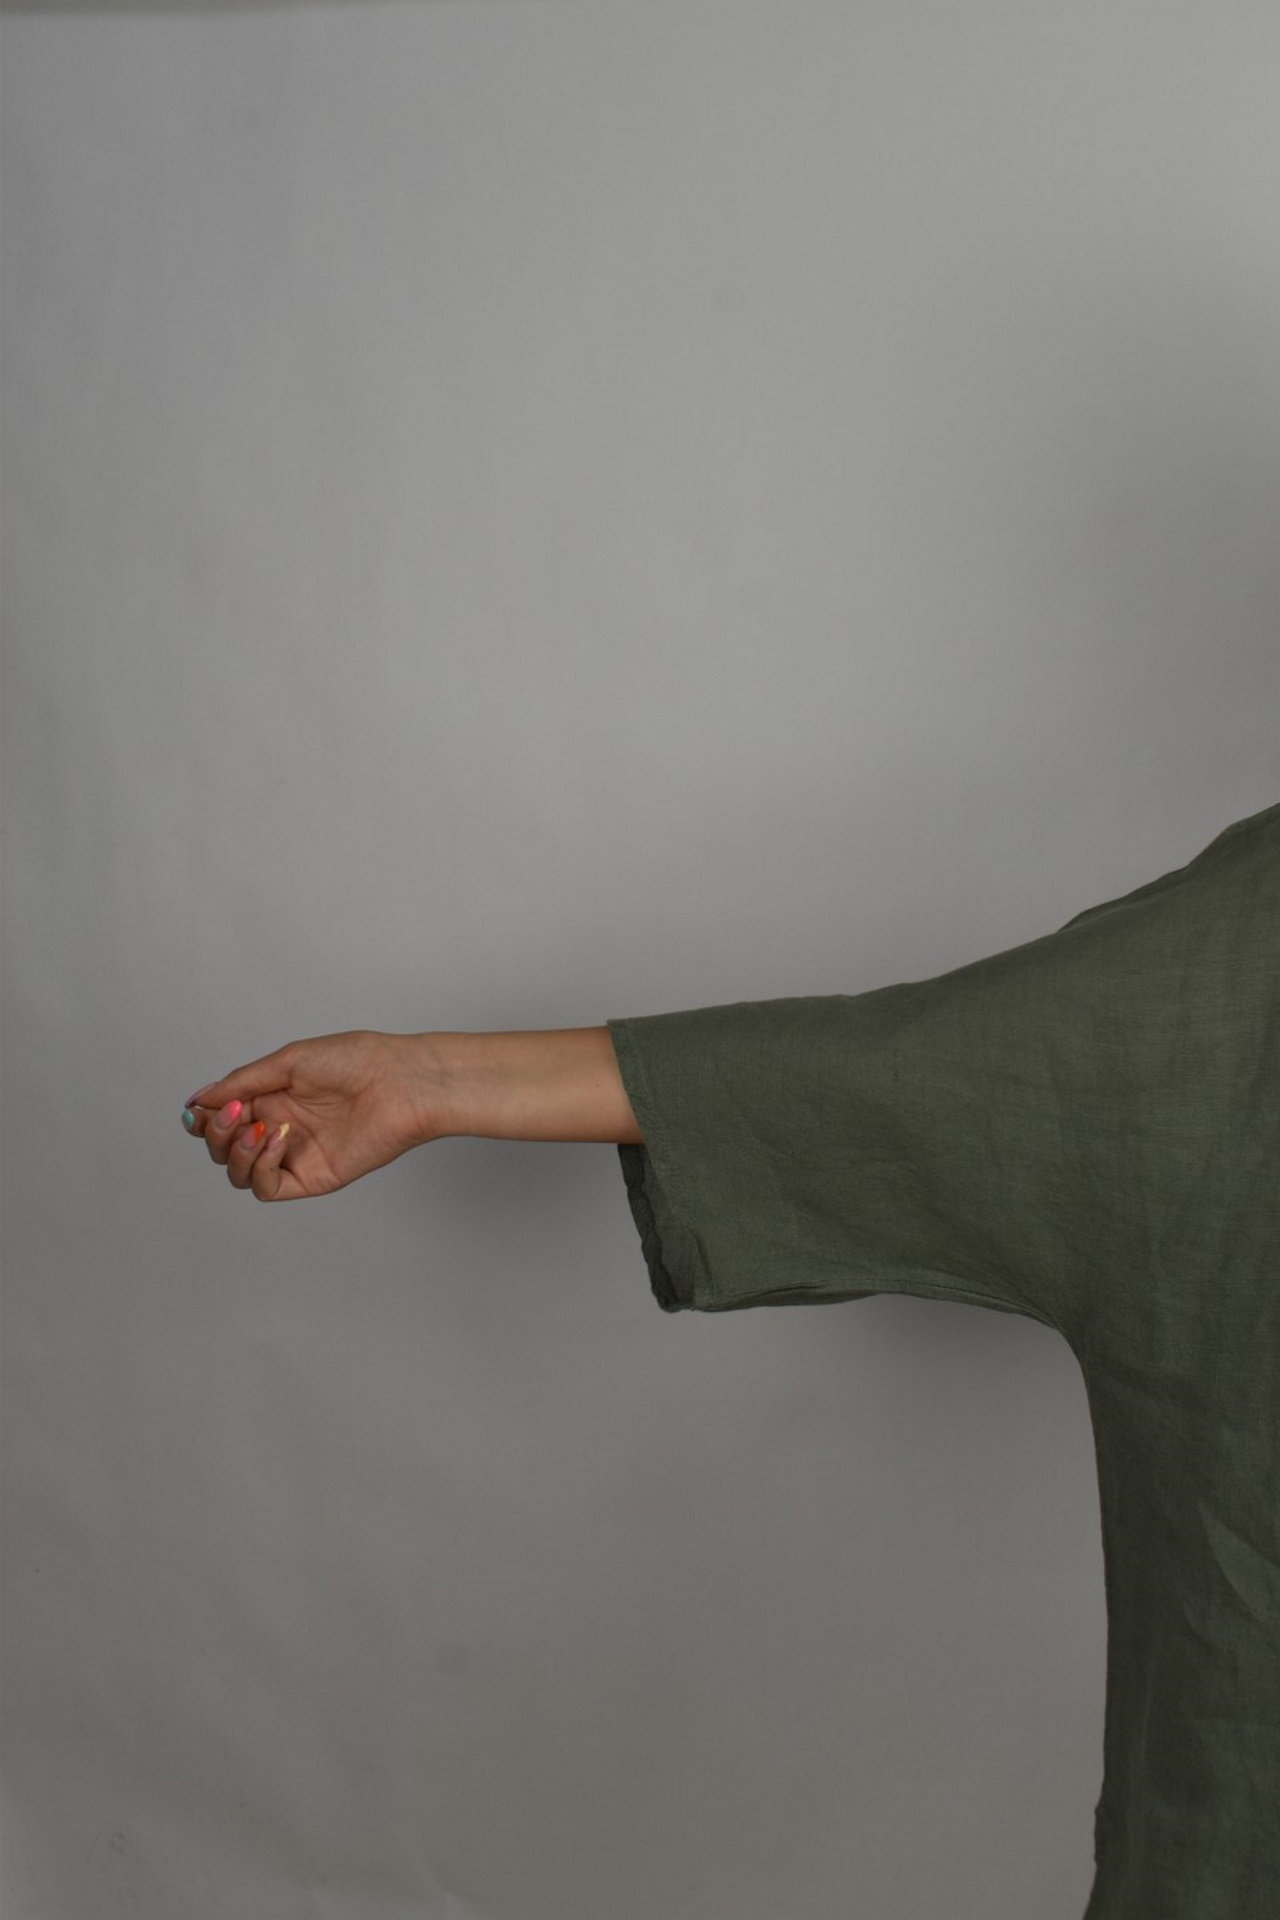 MAGMAXPE2101 ARMY MAGLIA DA DONNA GIROCOLLO CON MANICA A 34 100 LINO 4 1stAmerican maglia da donna girocollo con manica a 3/4 100% lino Made in Italy - t-shirt manica corta da donna mare in lino